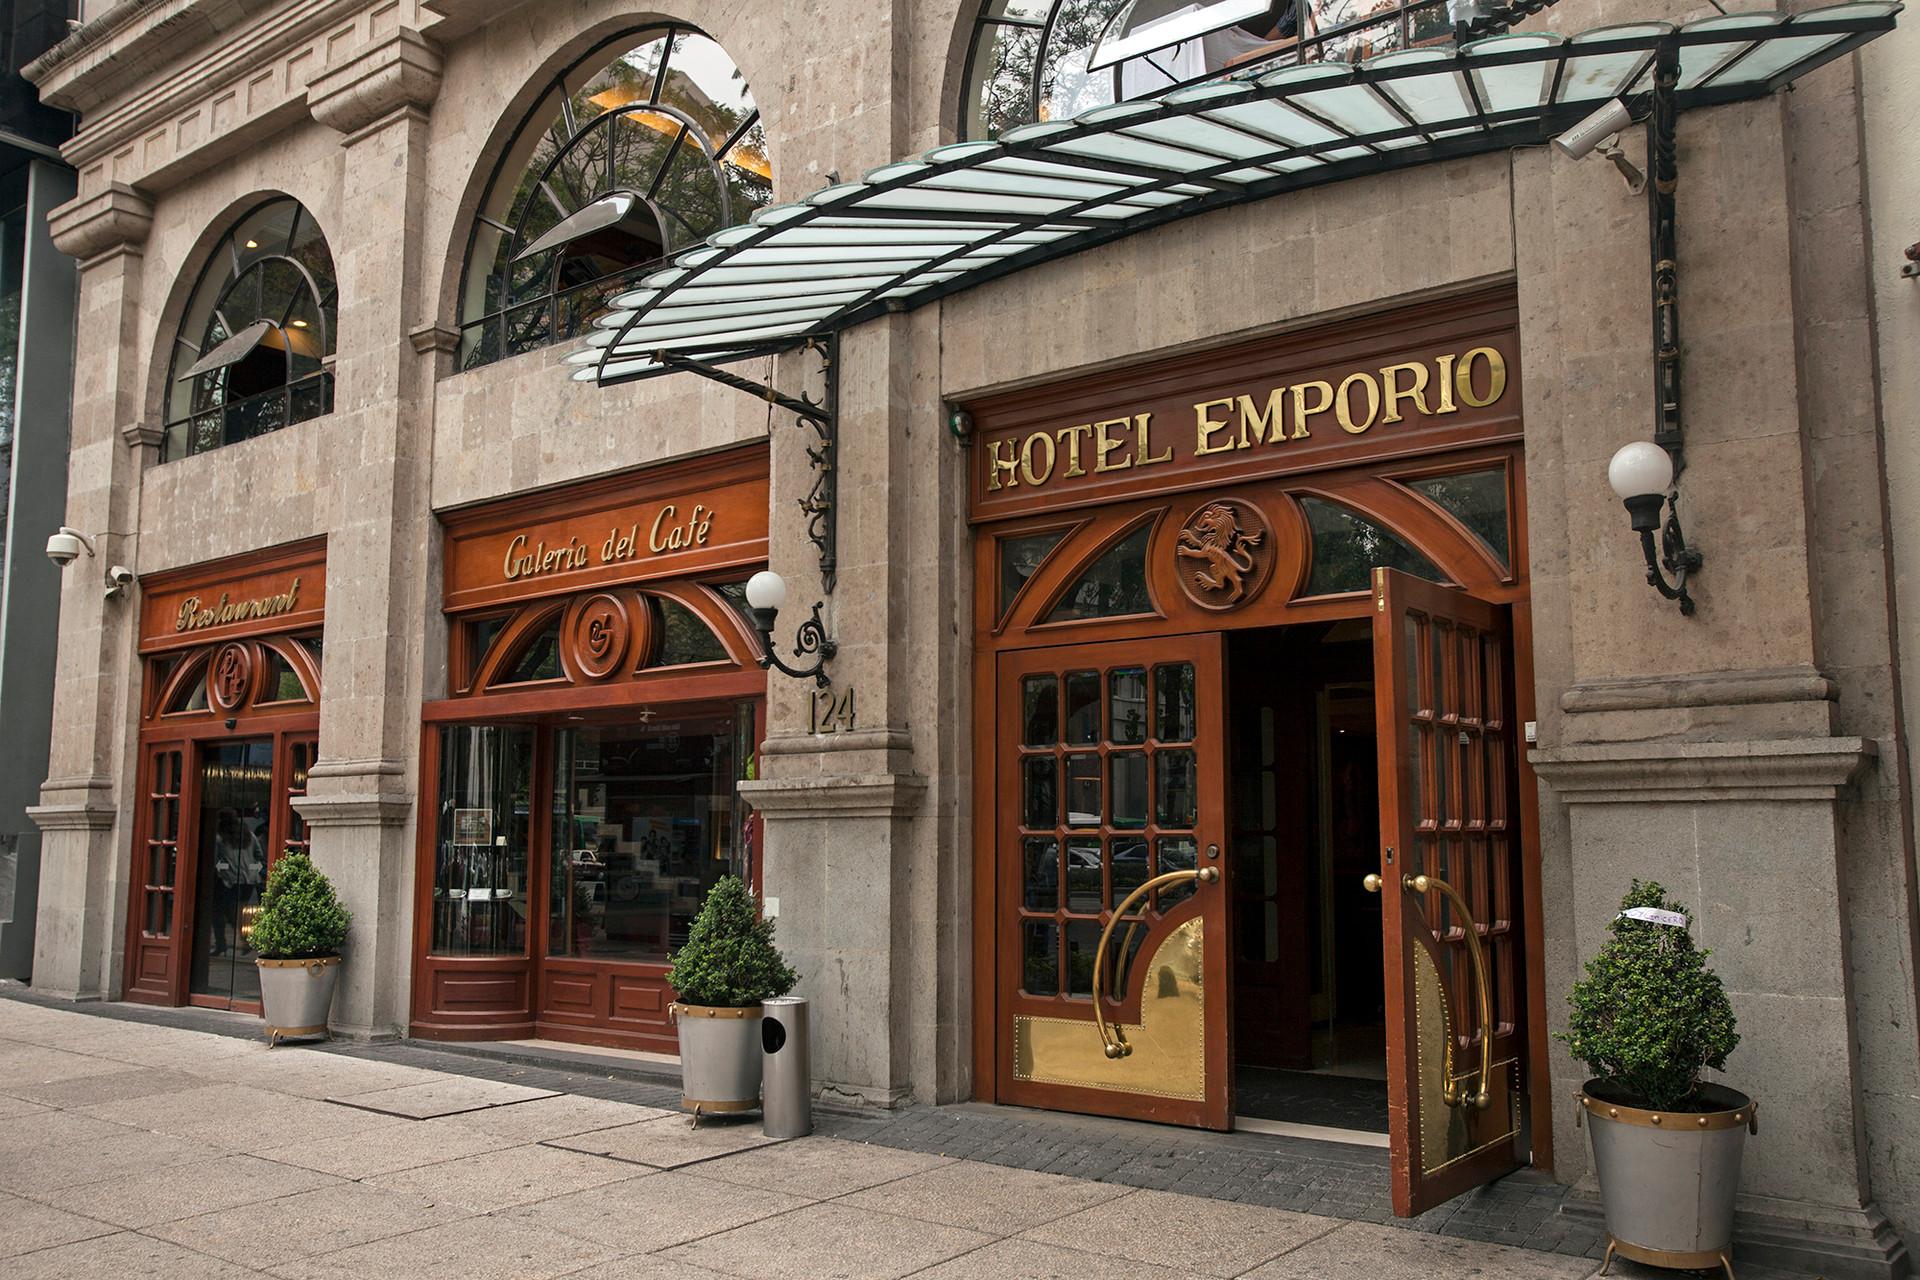 Hotel en México Emporio Reforma